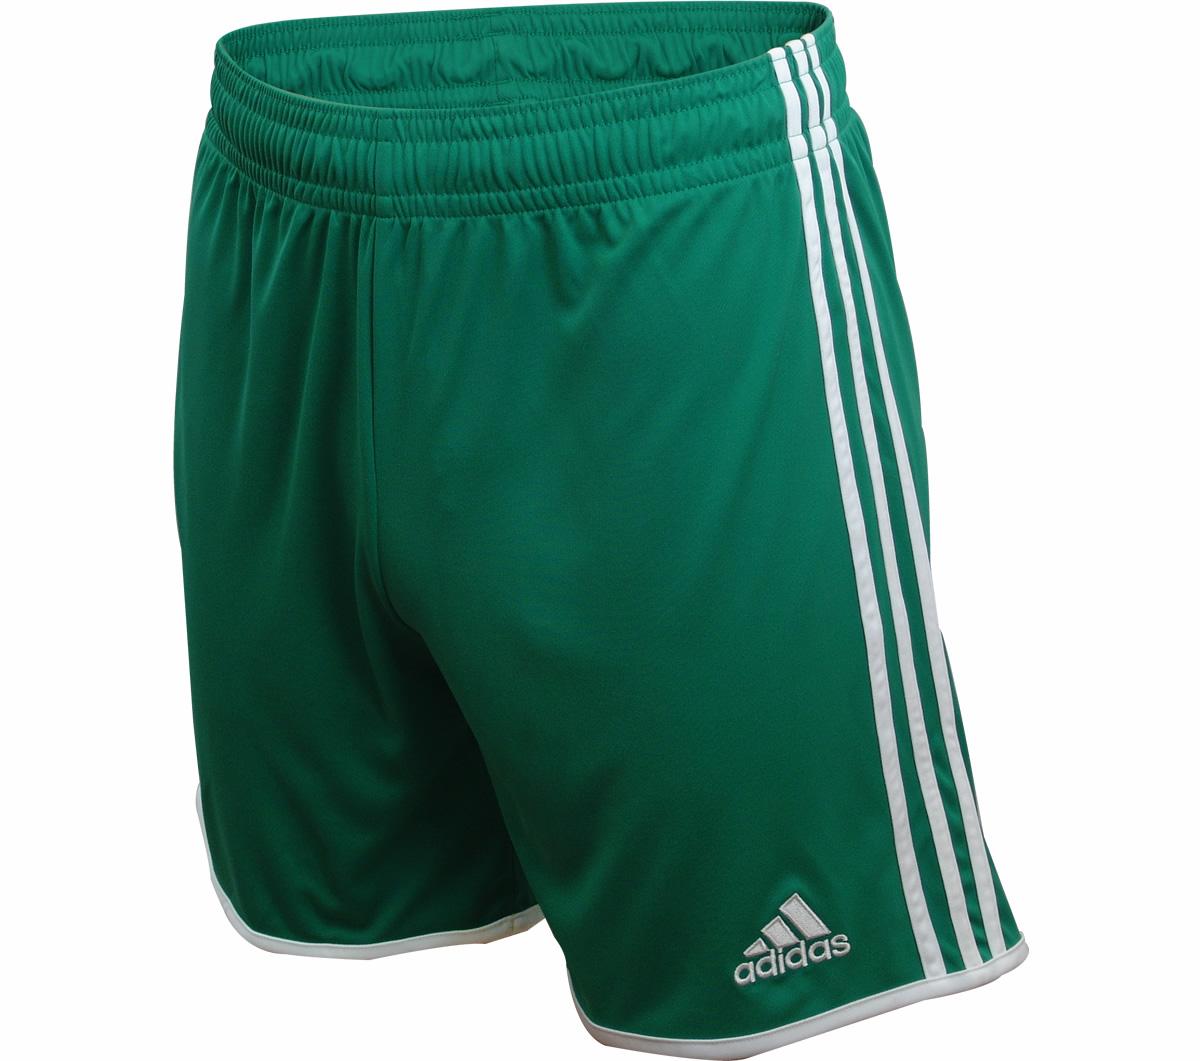 c17648ddf7 Calção Adidas Entrada 12 Verde e Branco - Mundo do Futebol